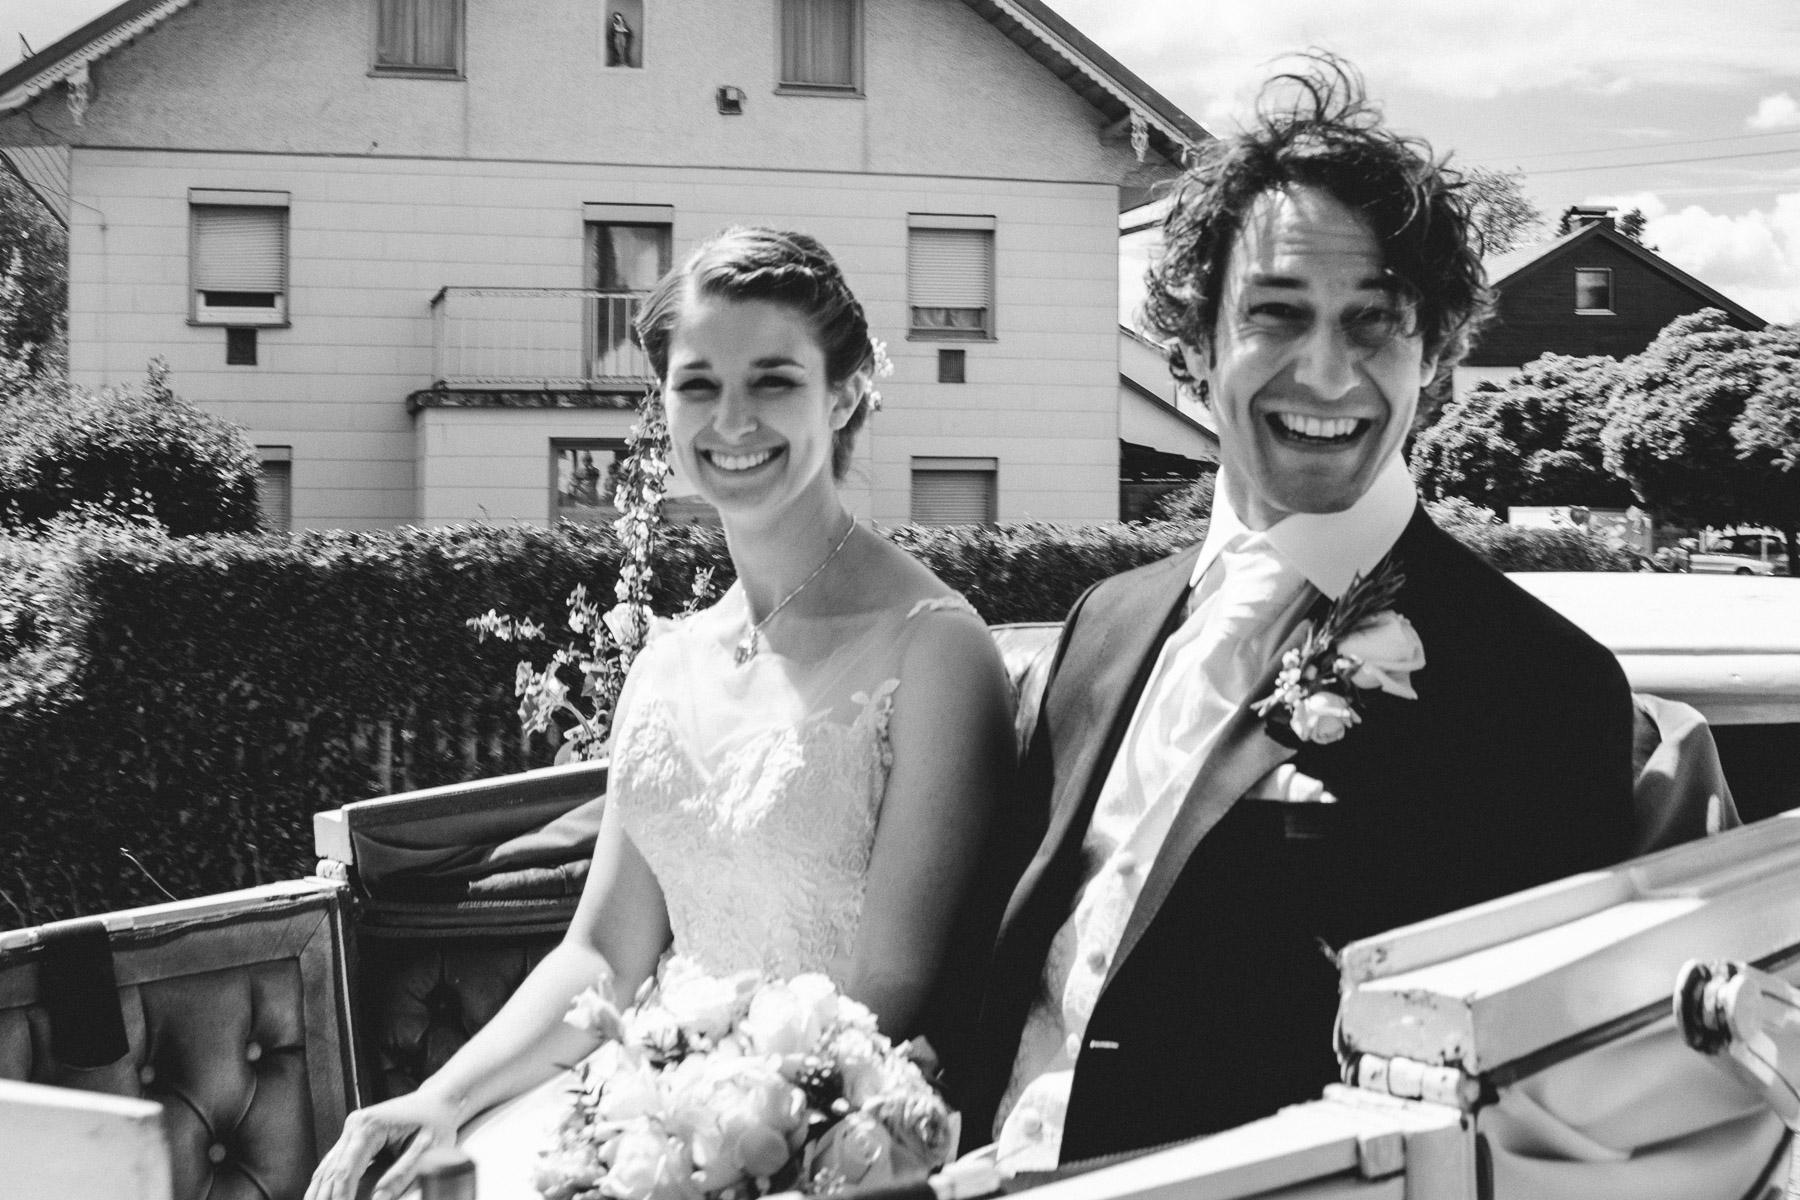 MartinLiebl_Hochzeitsfotograf_TTB_Blog_15.jpg